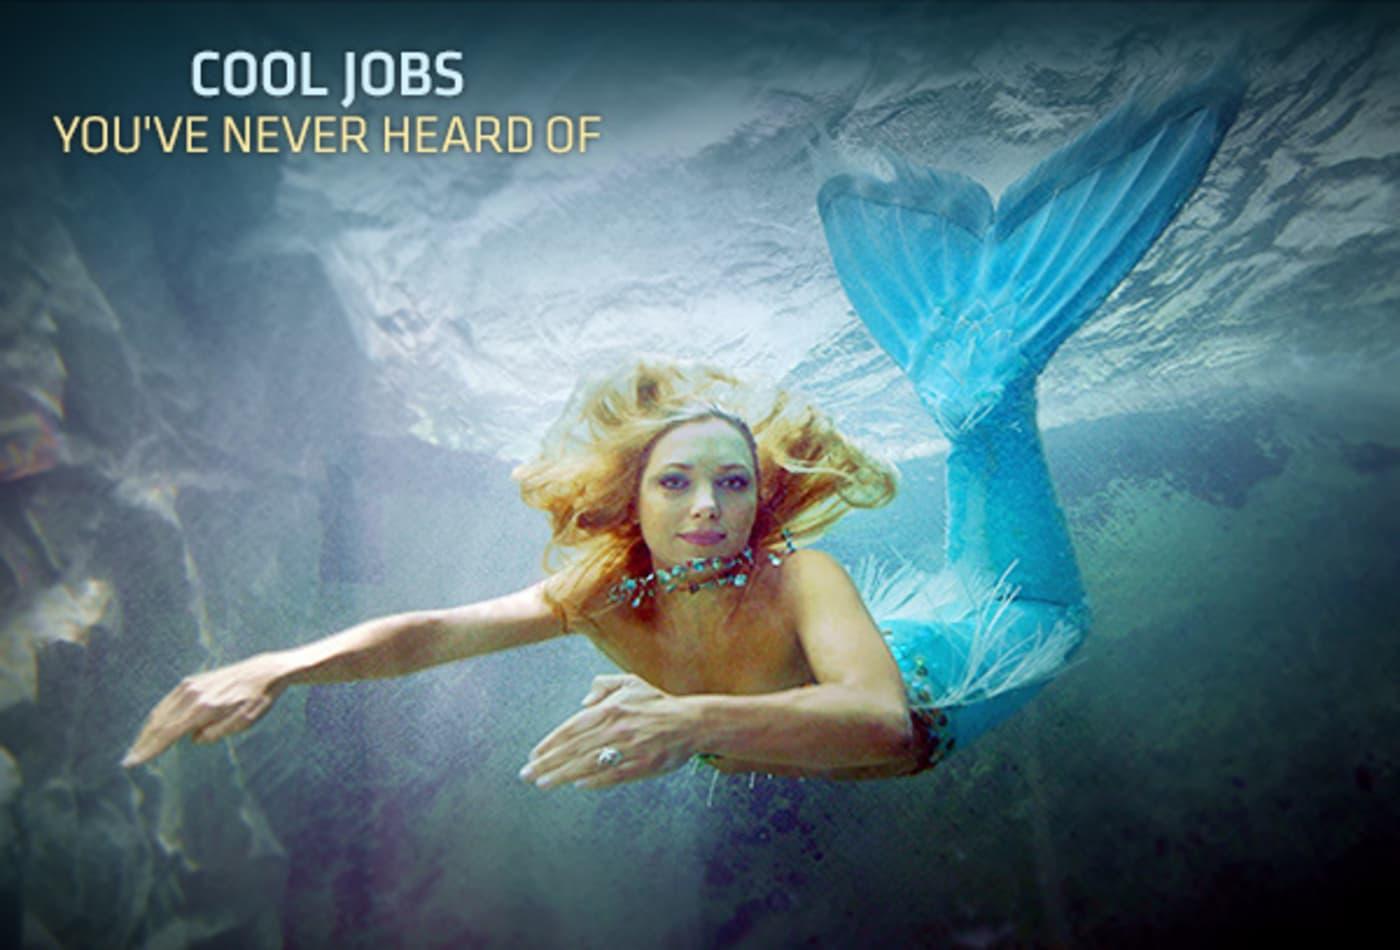 Cover-Mermaid-Cool-Jobs.jpg